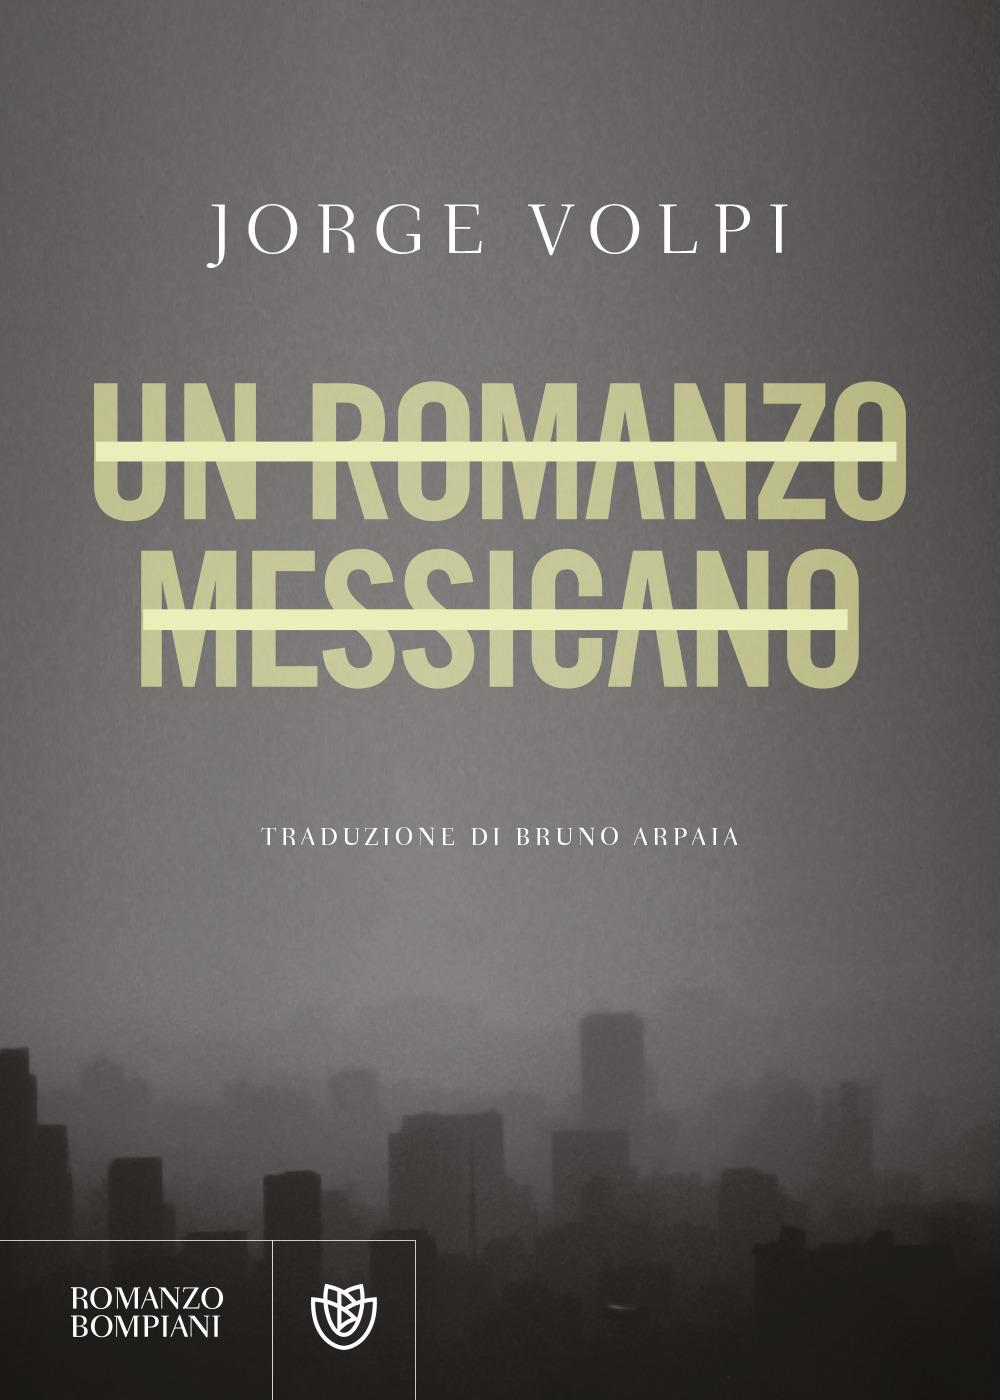 Un romanzo messicano